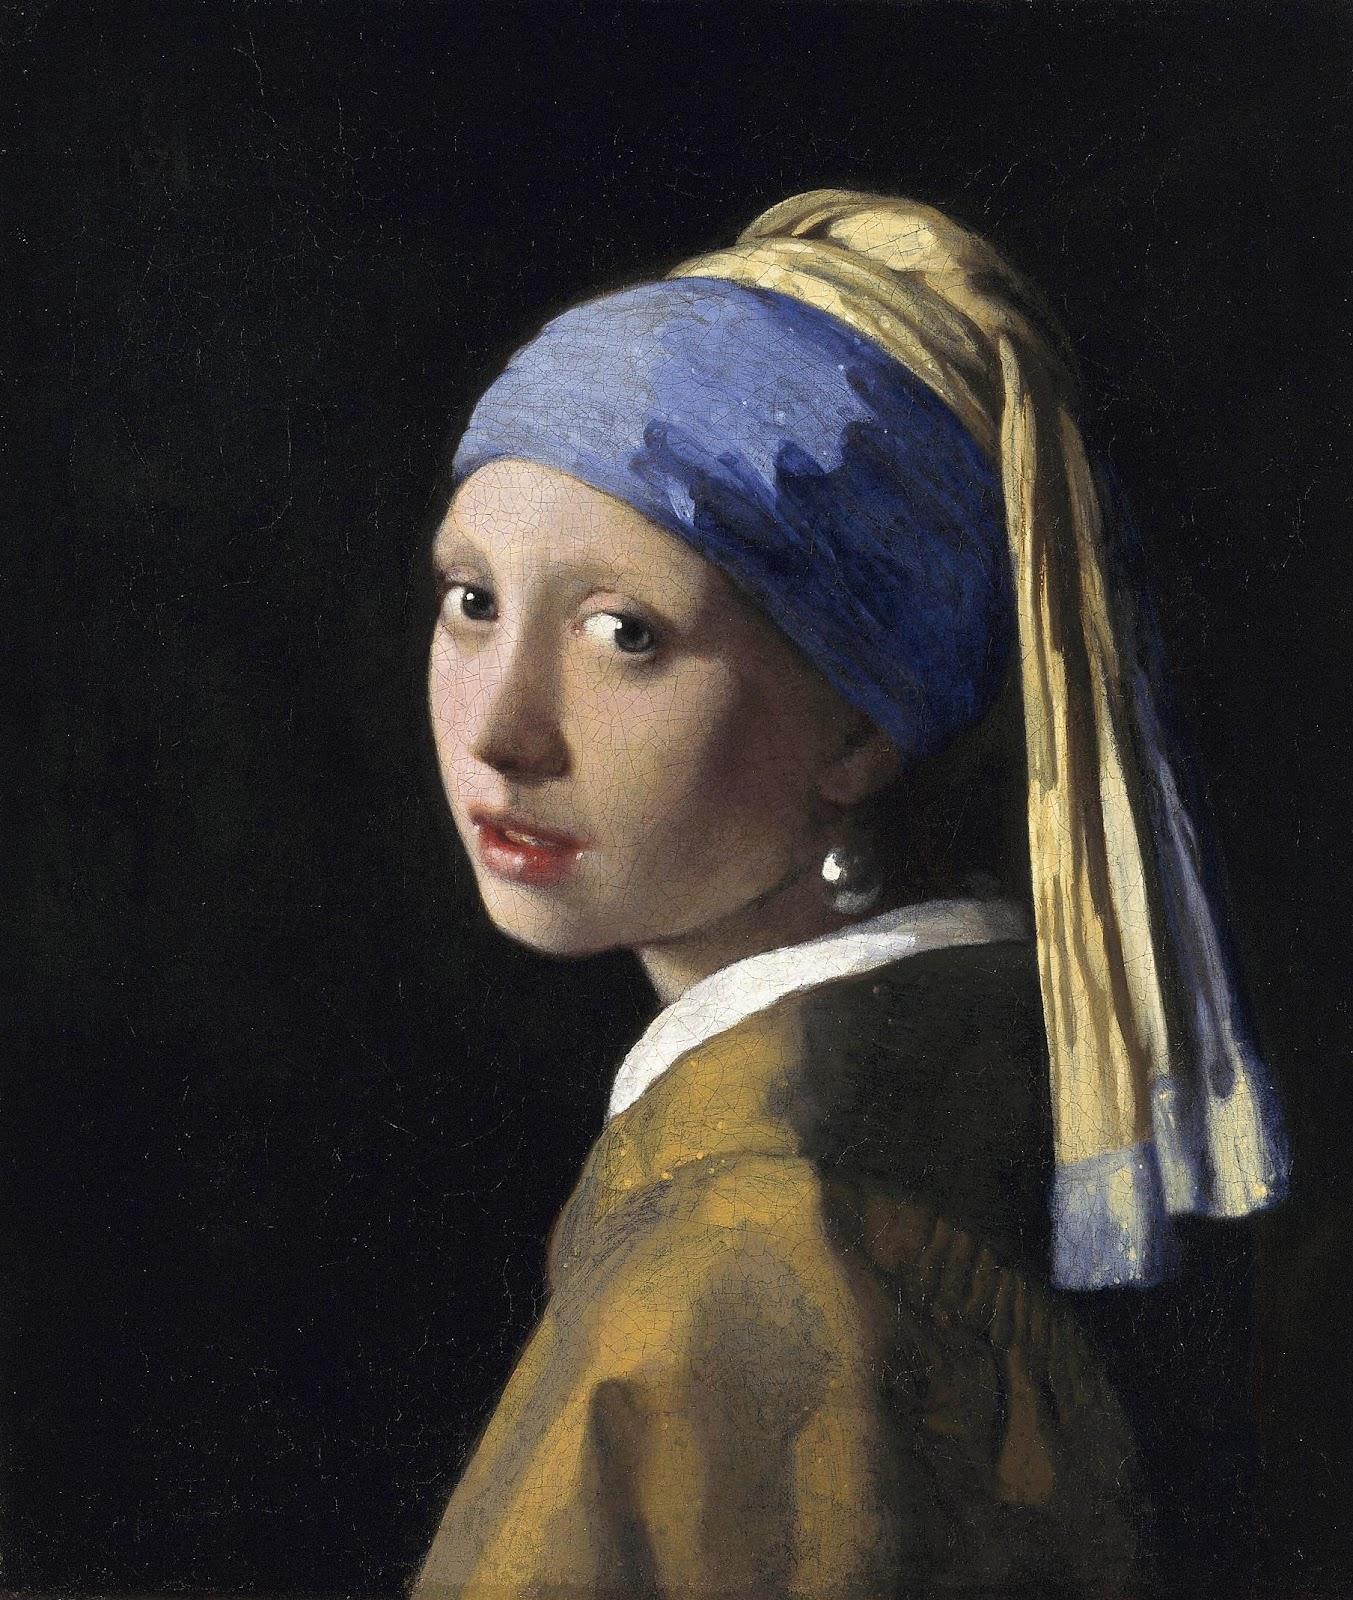 ヨハネス・フェルメールの真珠の耳飾りの少女